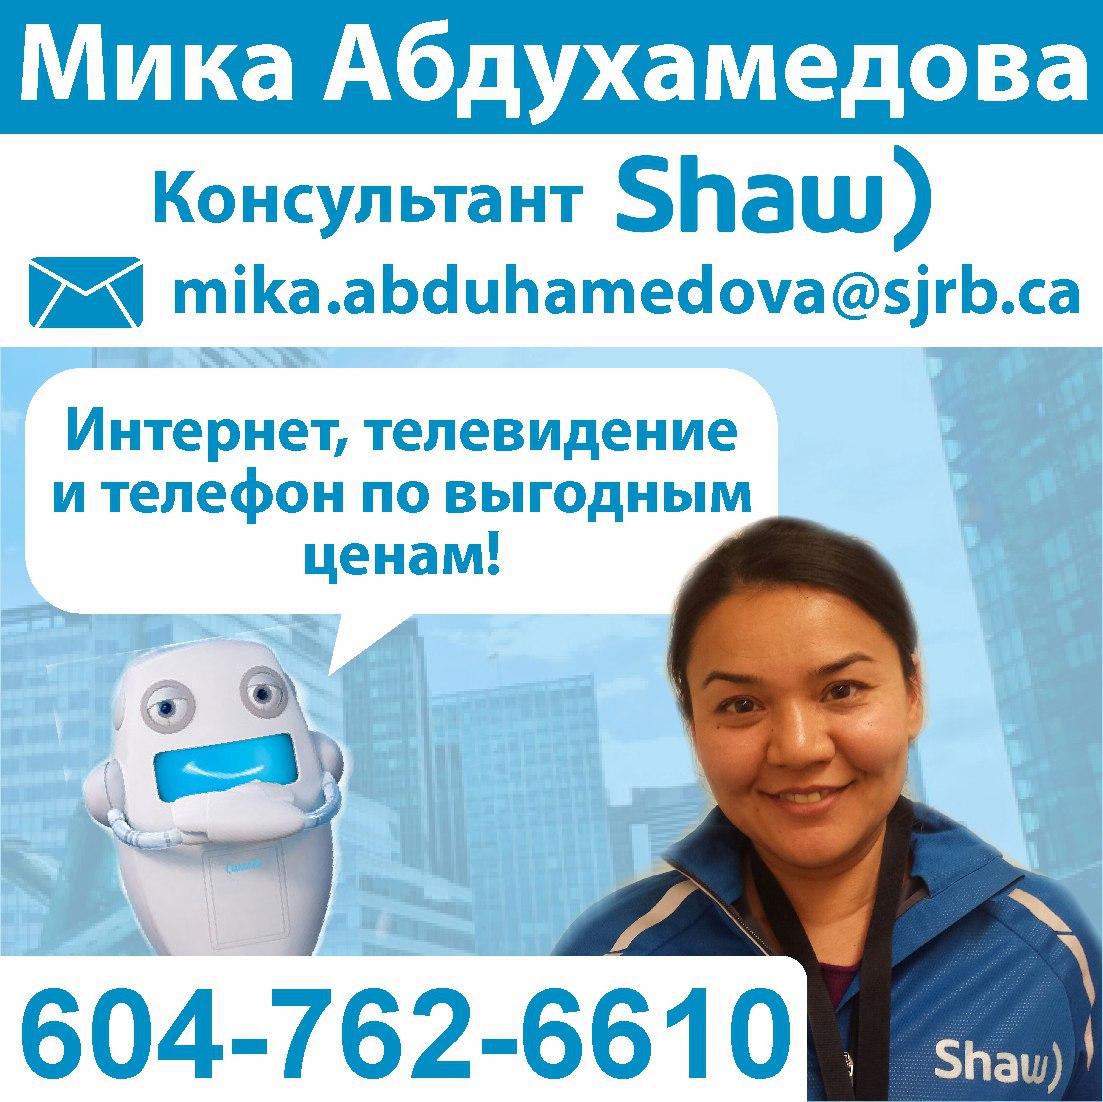 Мика Абдухамедова Консультант Shaw)